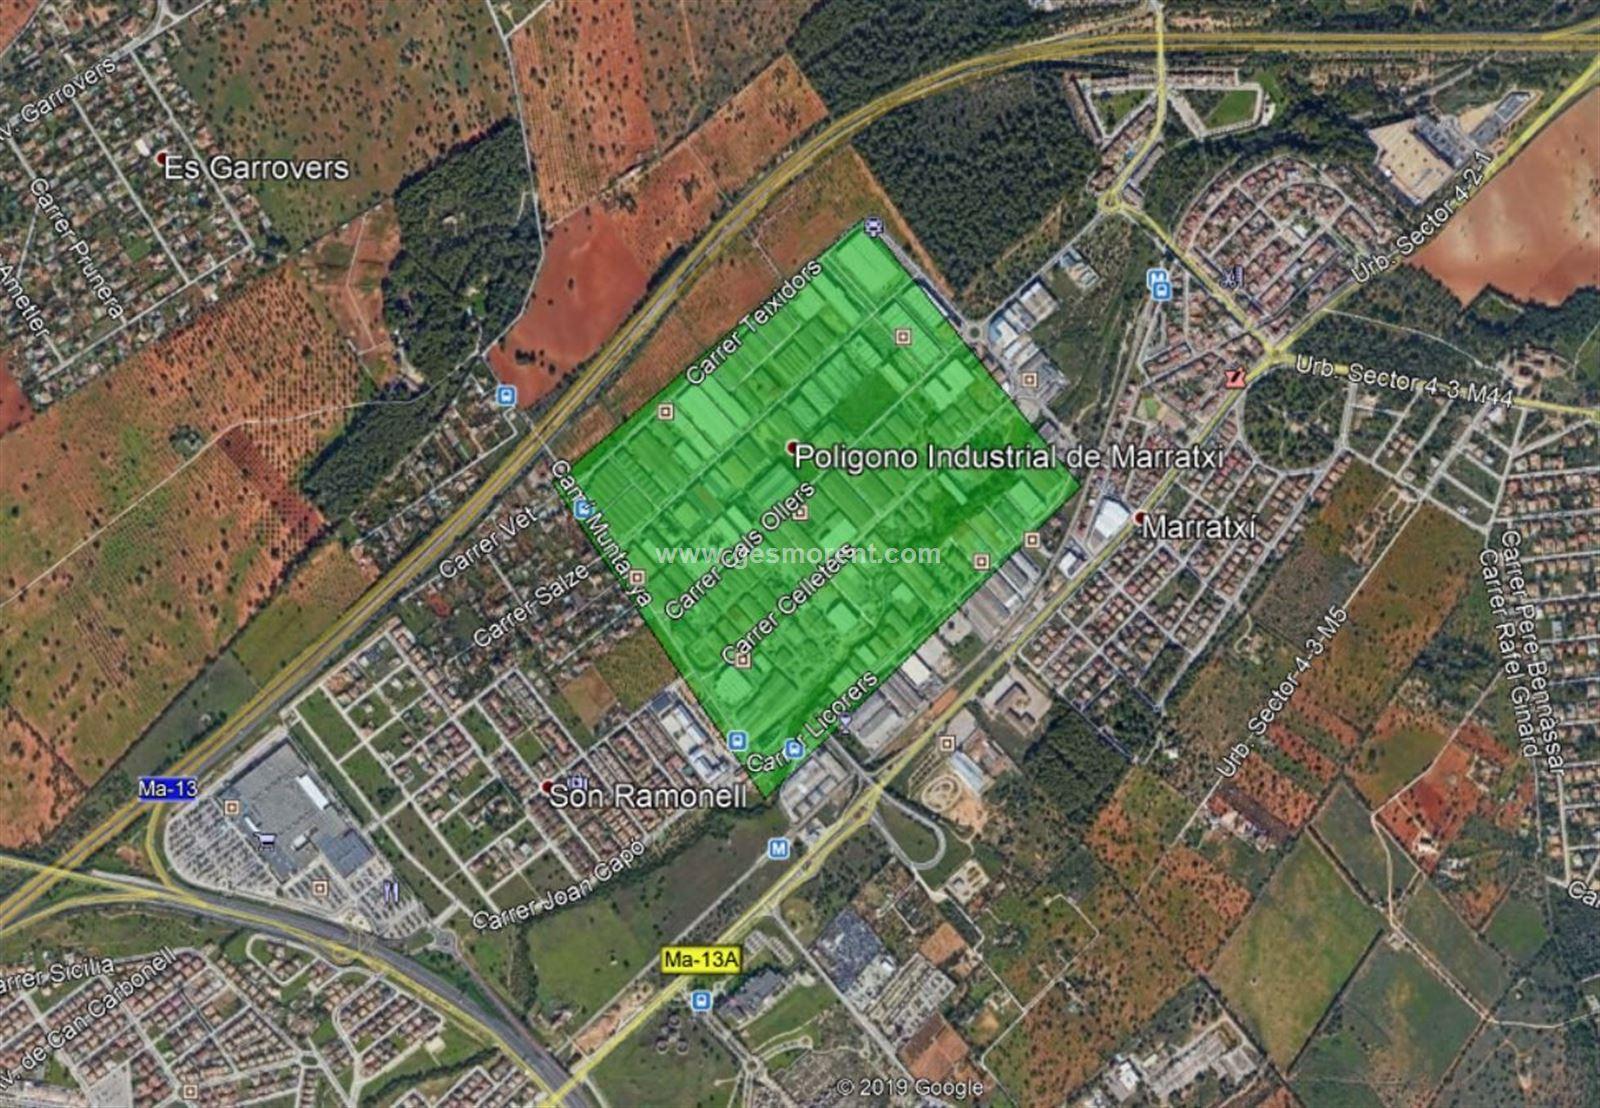 Location Bâtiment à usage industriel  Marratxi - polígono marratxi. Nave industrial en alquiler